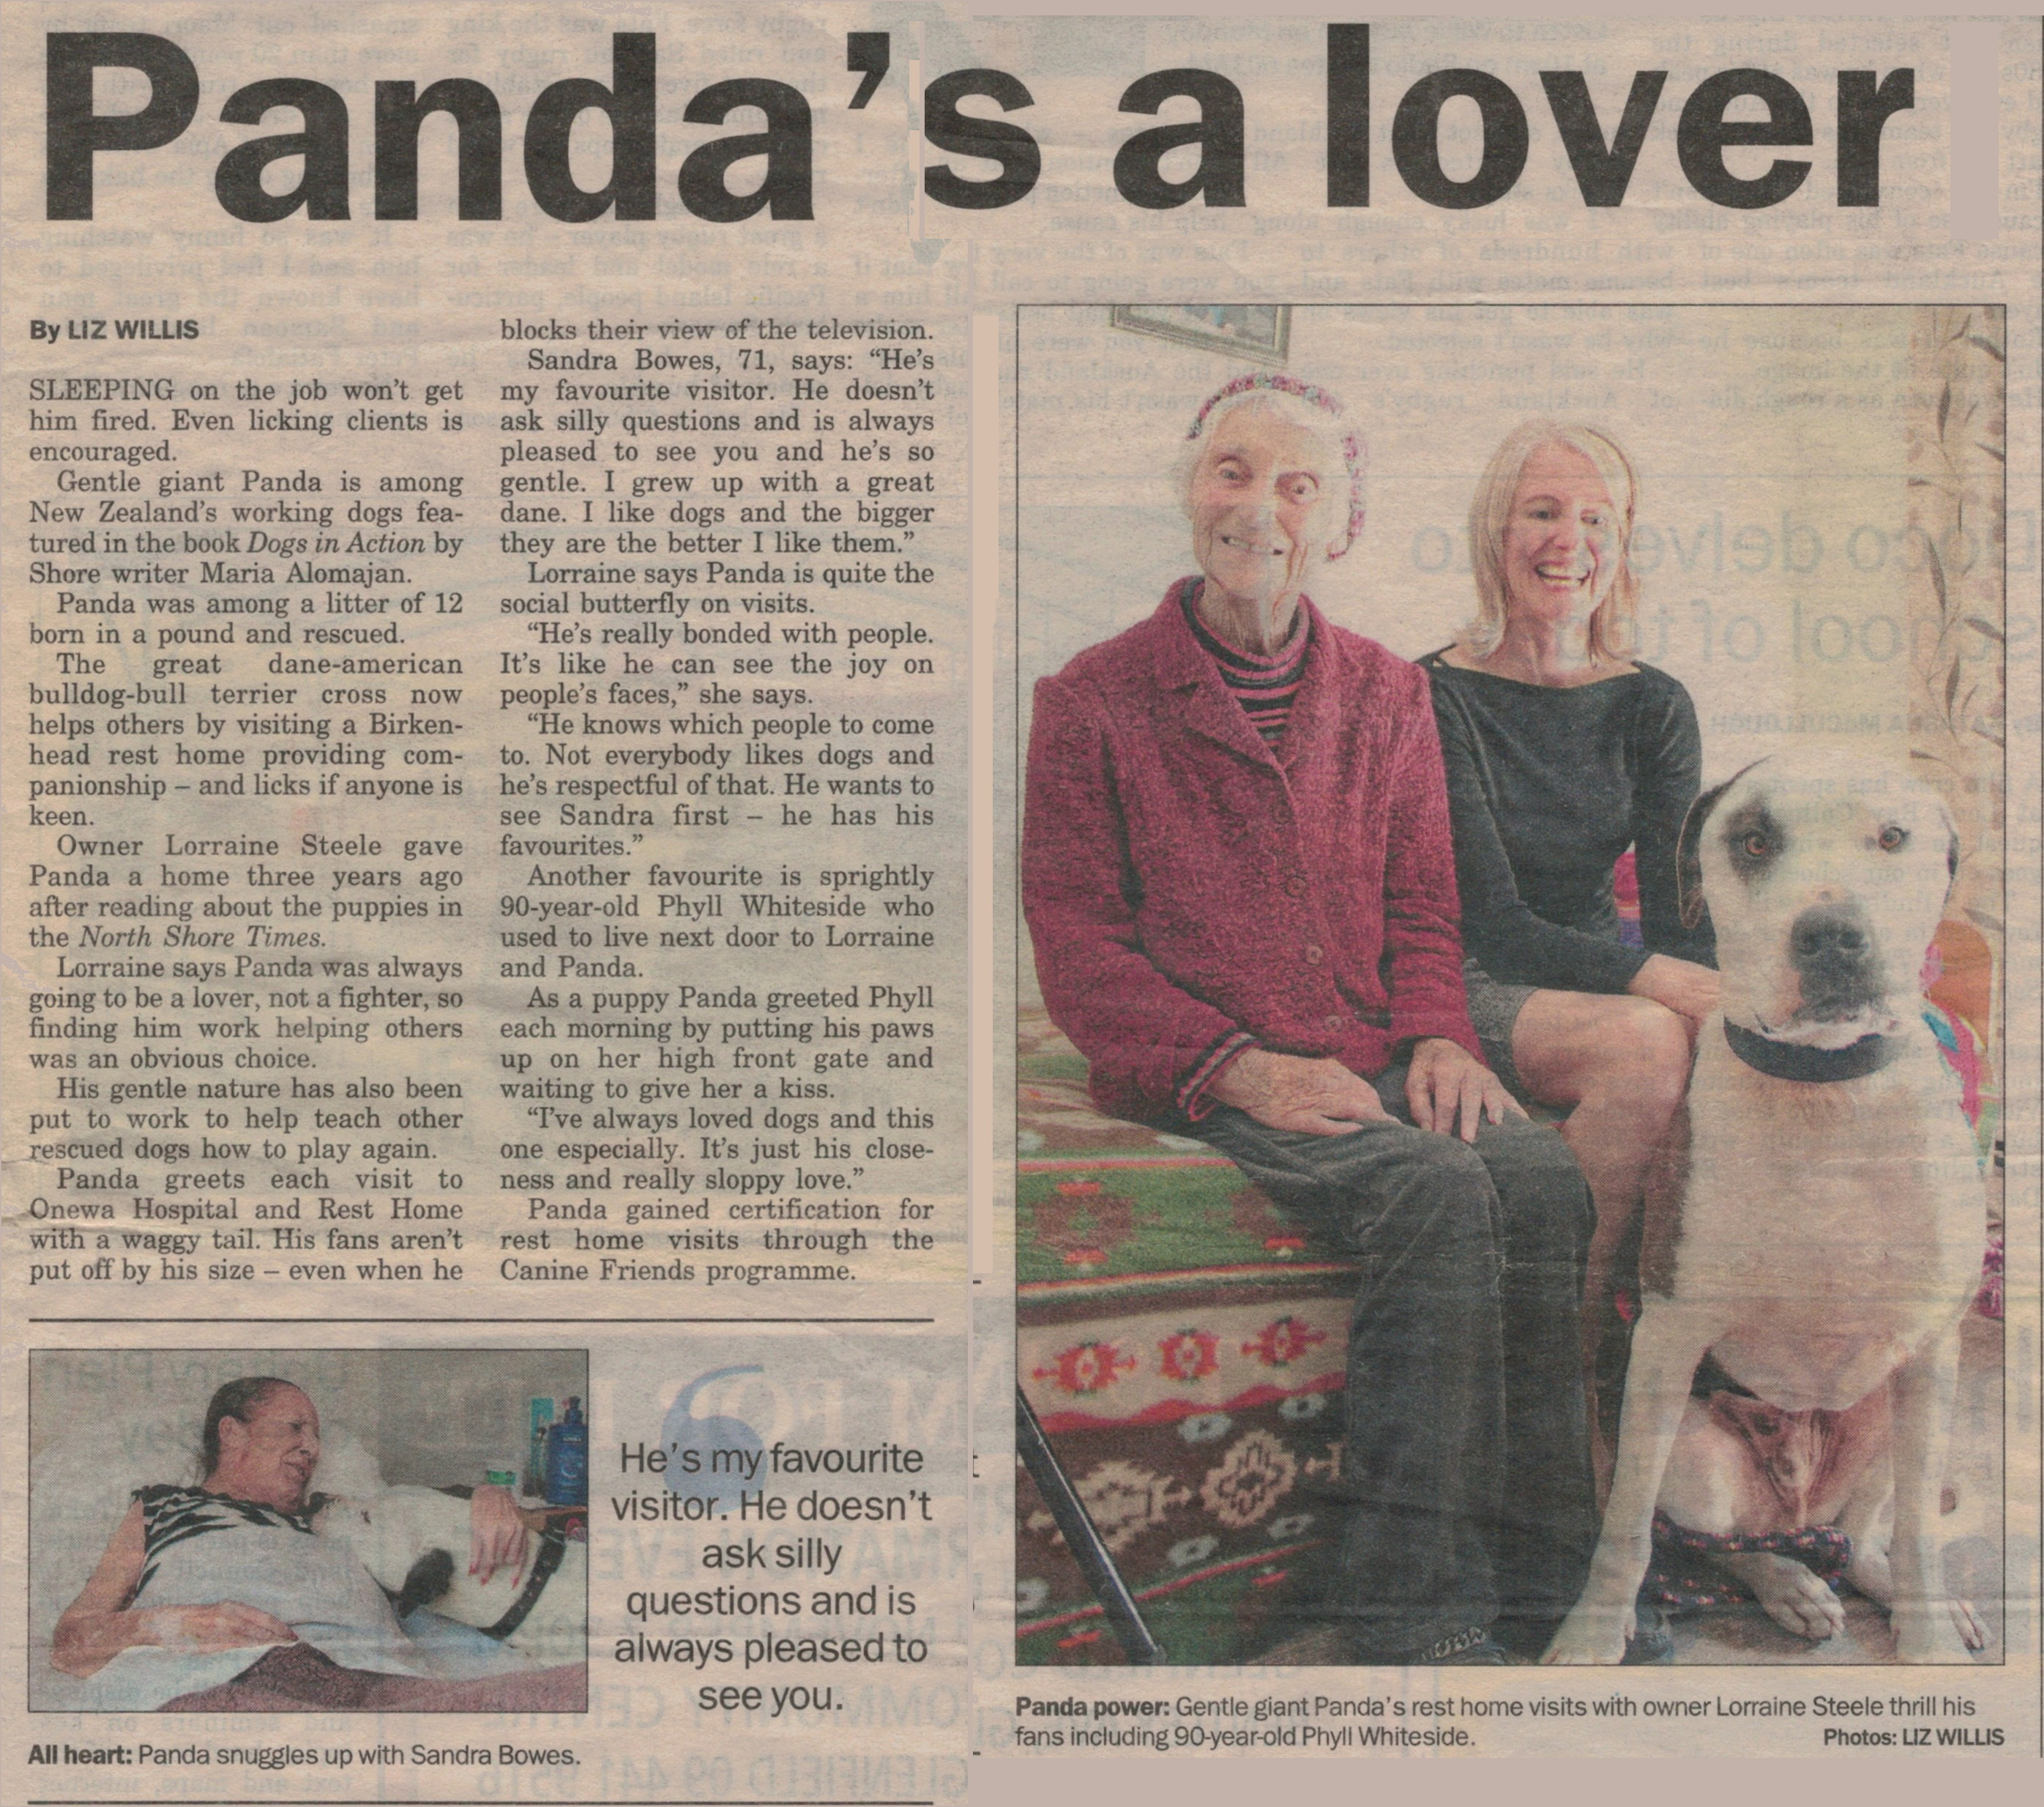 pandas-a-lover